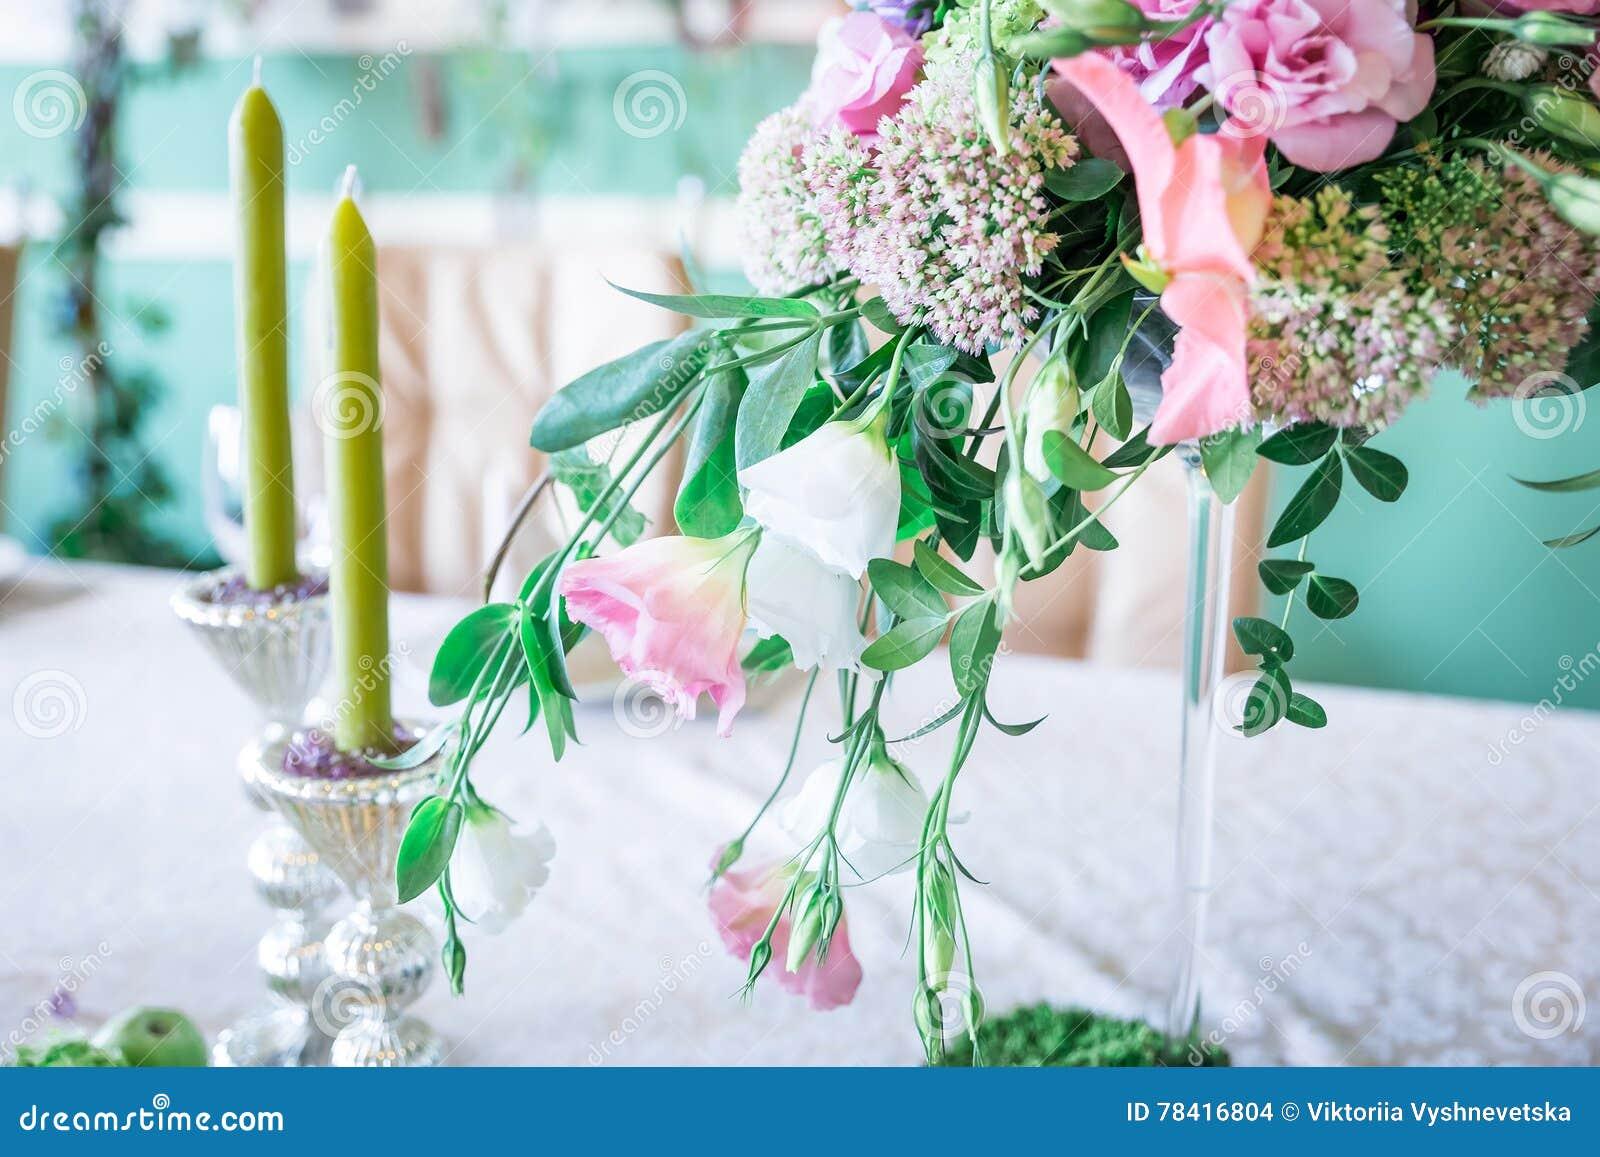 Ein Blumenstrauß Von Blumen Auf Einem Stand Mit Kerzen Und Dekor Für